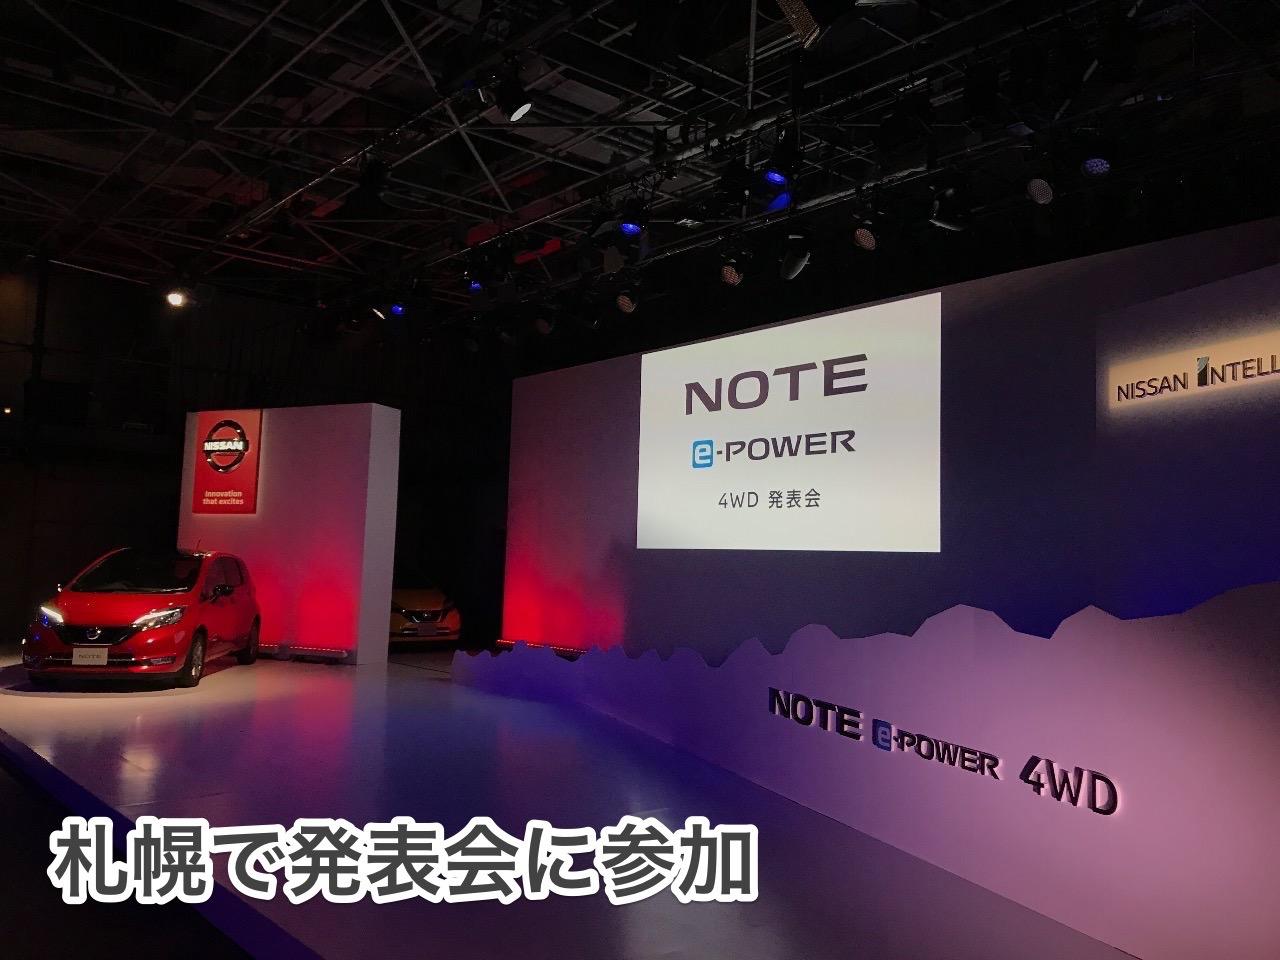 ノート e-POWER 4WD 発表会